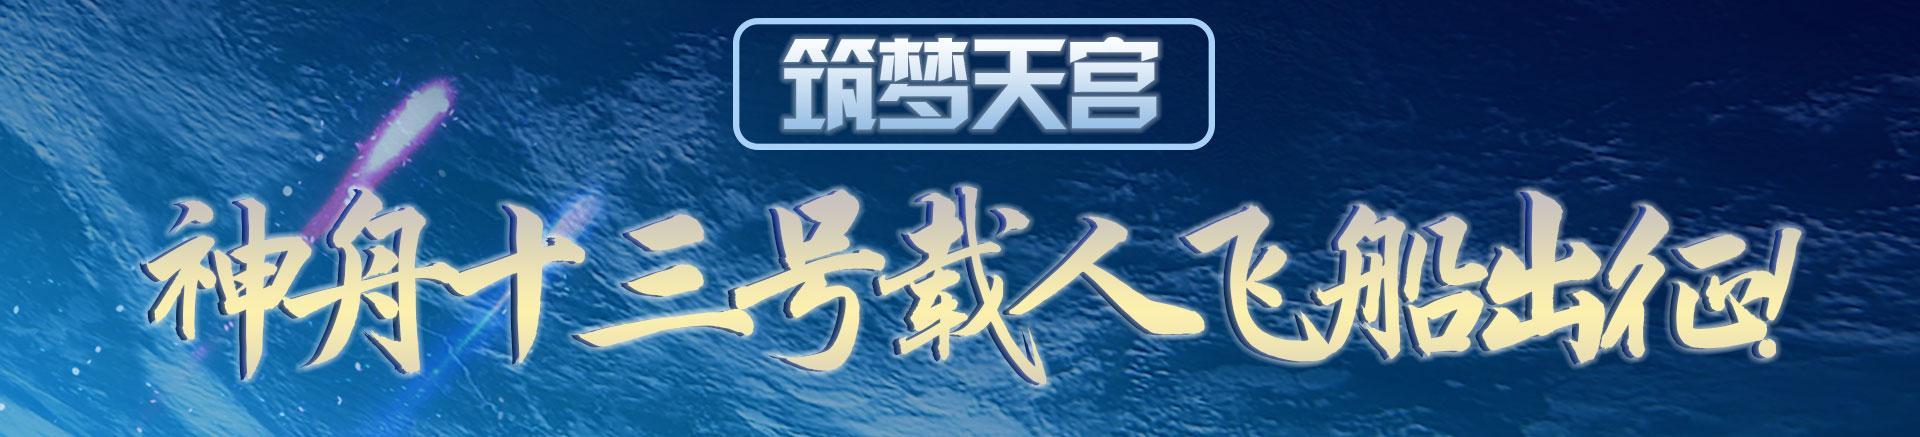 转播:神舟十三号载人飞行任务新闻发布会